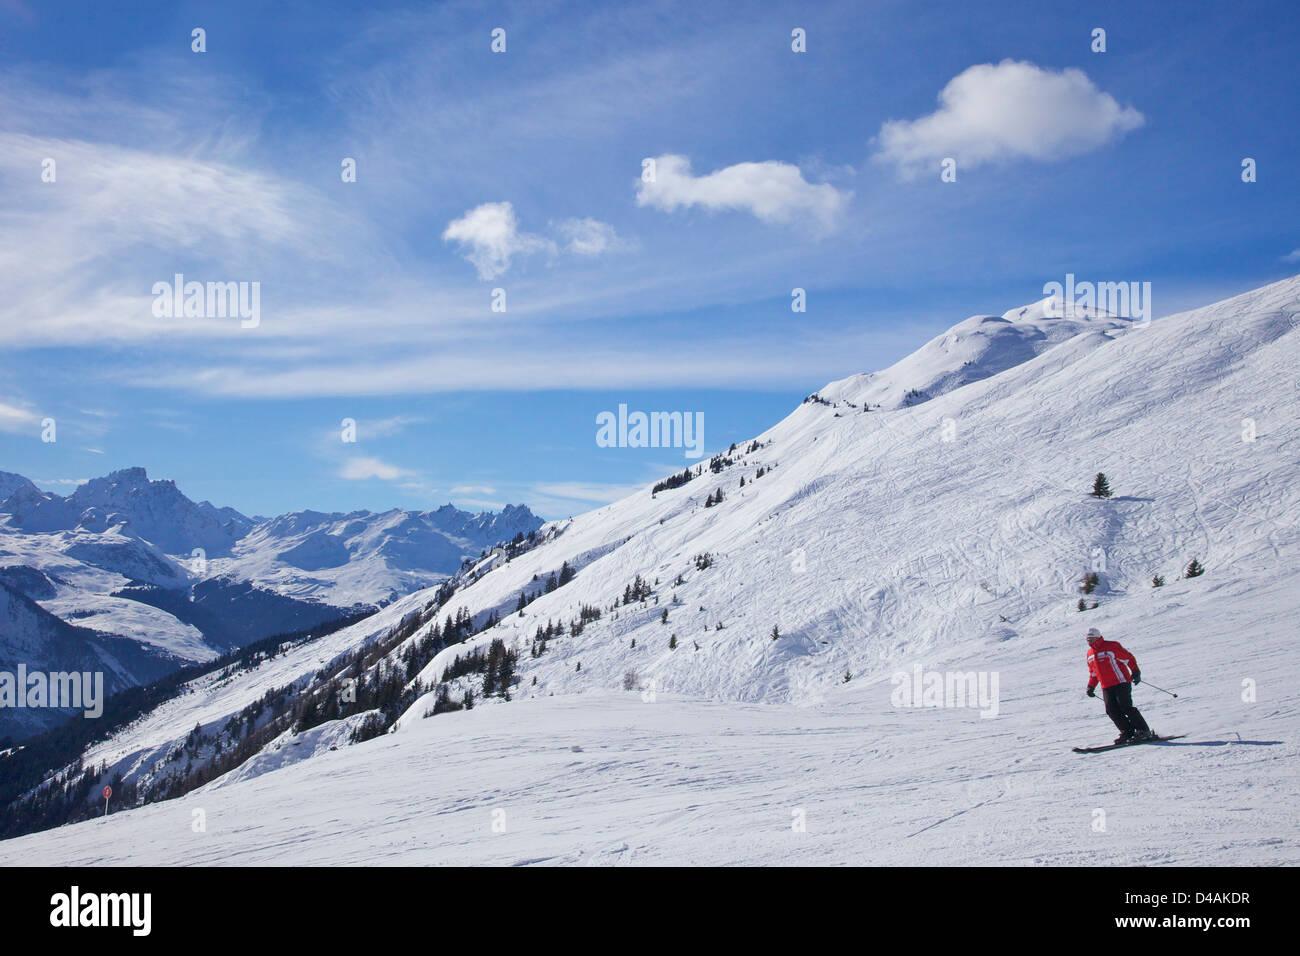 Gli sciatori in inverno il sole, Verdons Sud, La Plagne, Francia, Europa Immagini Stock